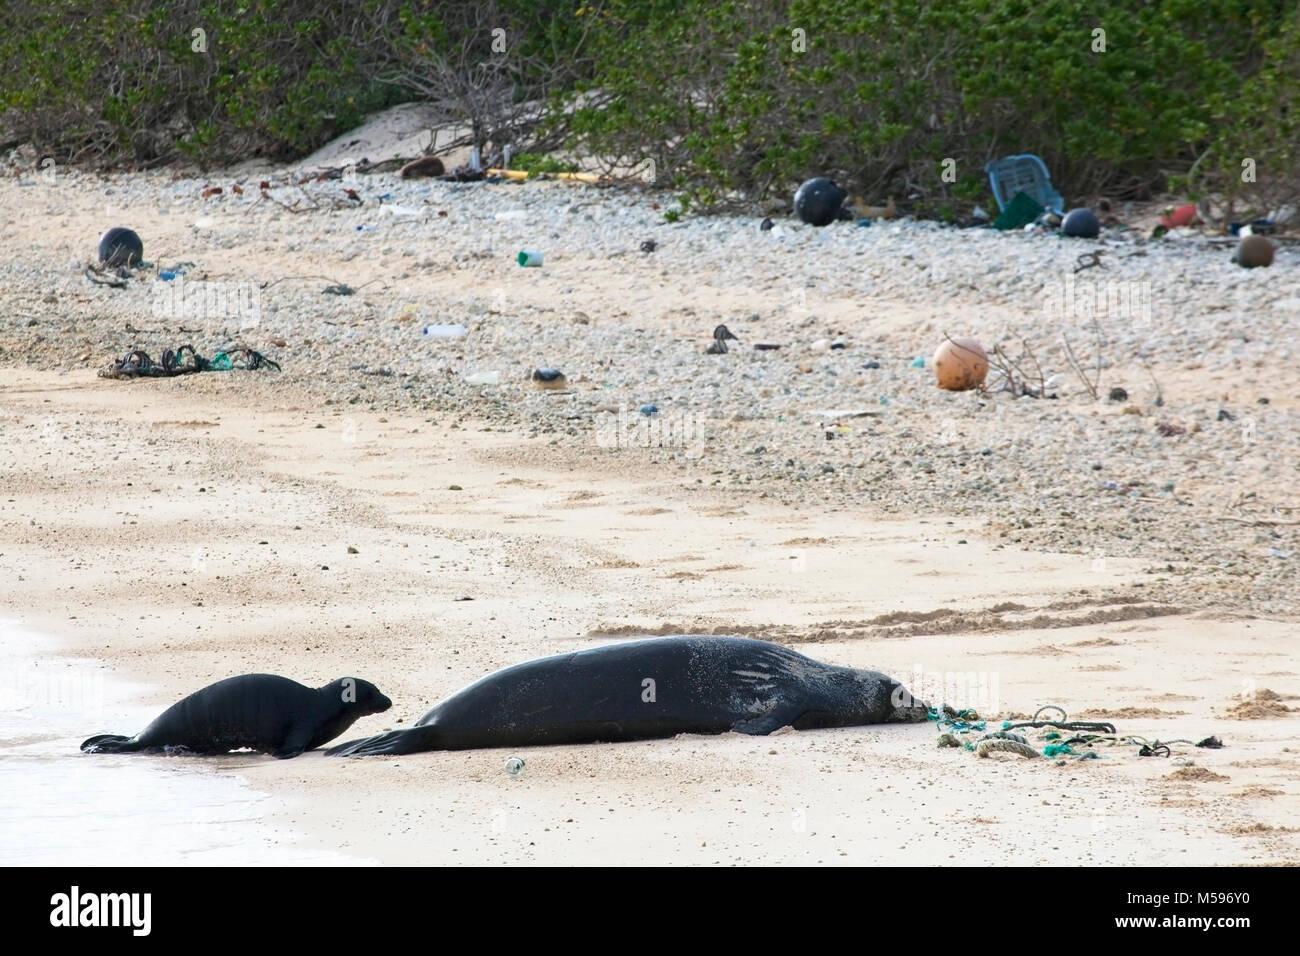 La foca monje hawaiana (Neomonachus schauinslandi) a la madre y al bebé en el norte de la isla del Pacífico con los desechos marinos incluyendo cuerdas y arrastrado de plástico Foto de stock